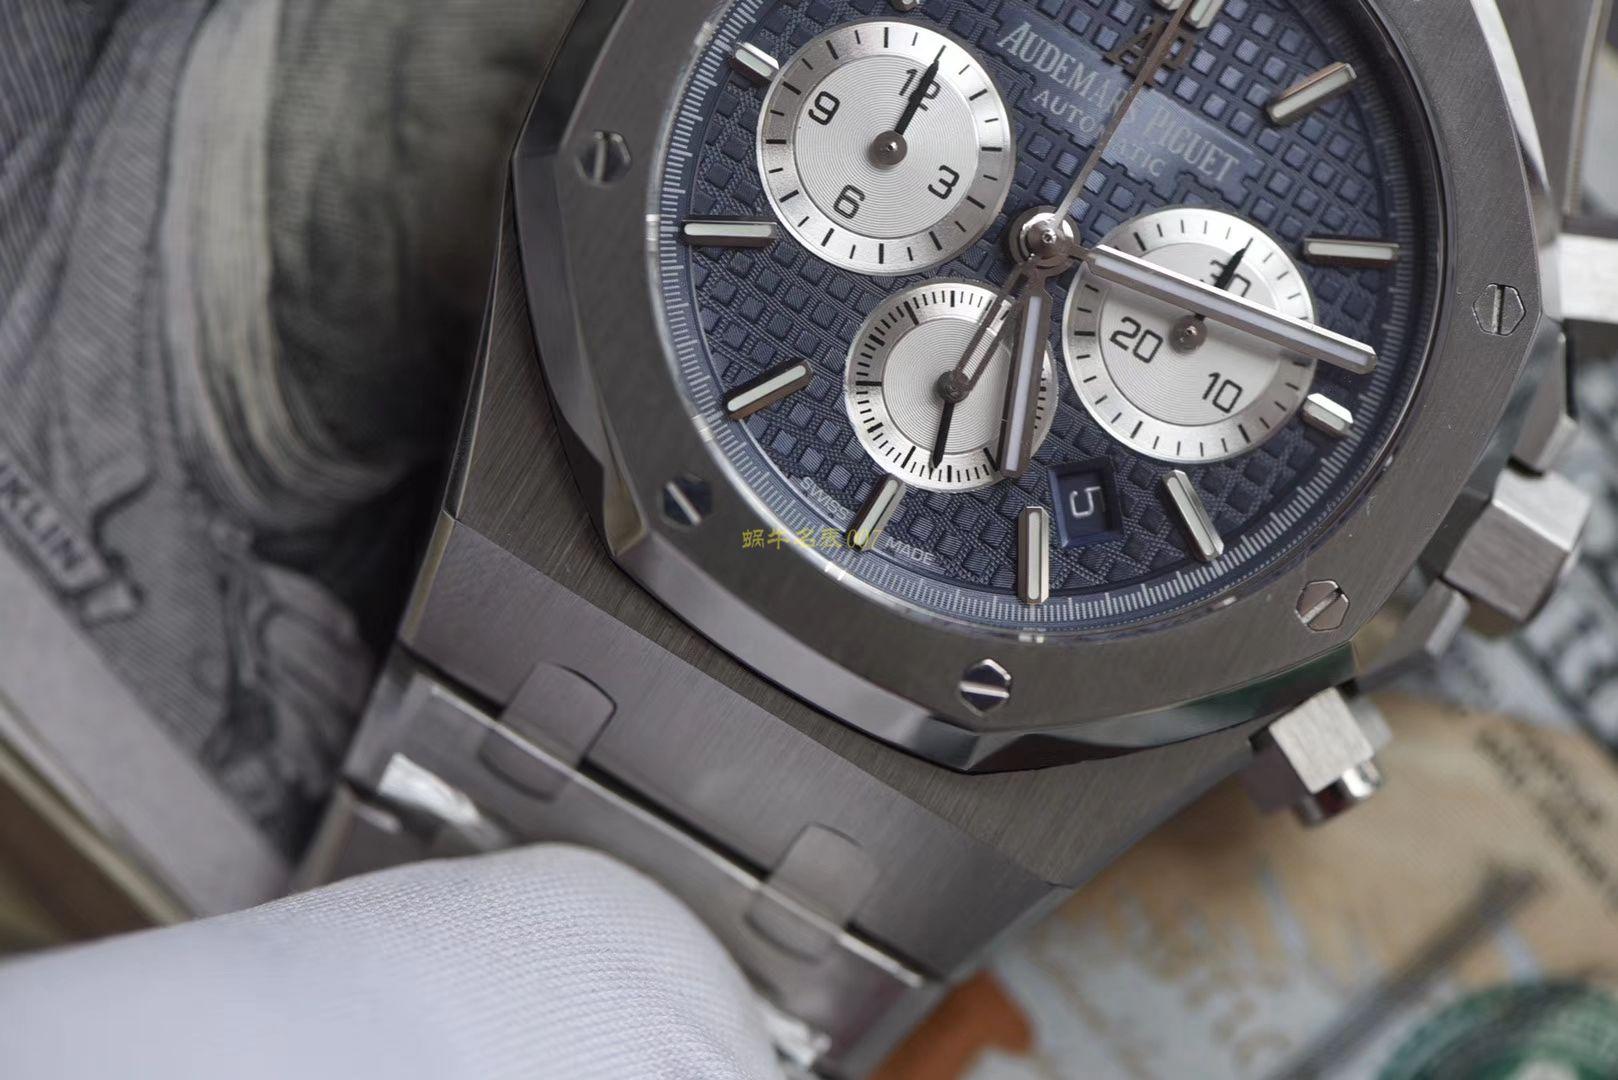 视频评测爱彼皇家橡树系列26331ST.OO.1220ST.01腕表一比一高仿手表【OM厂皇家橡树计时】 / AP158